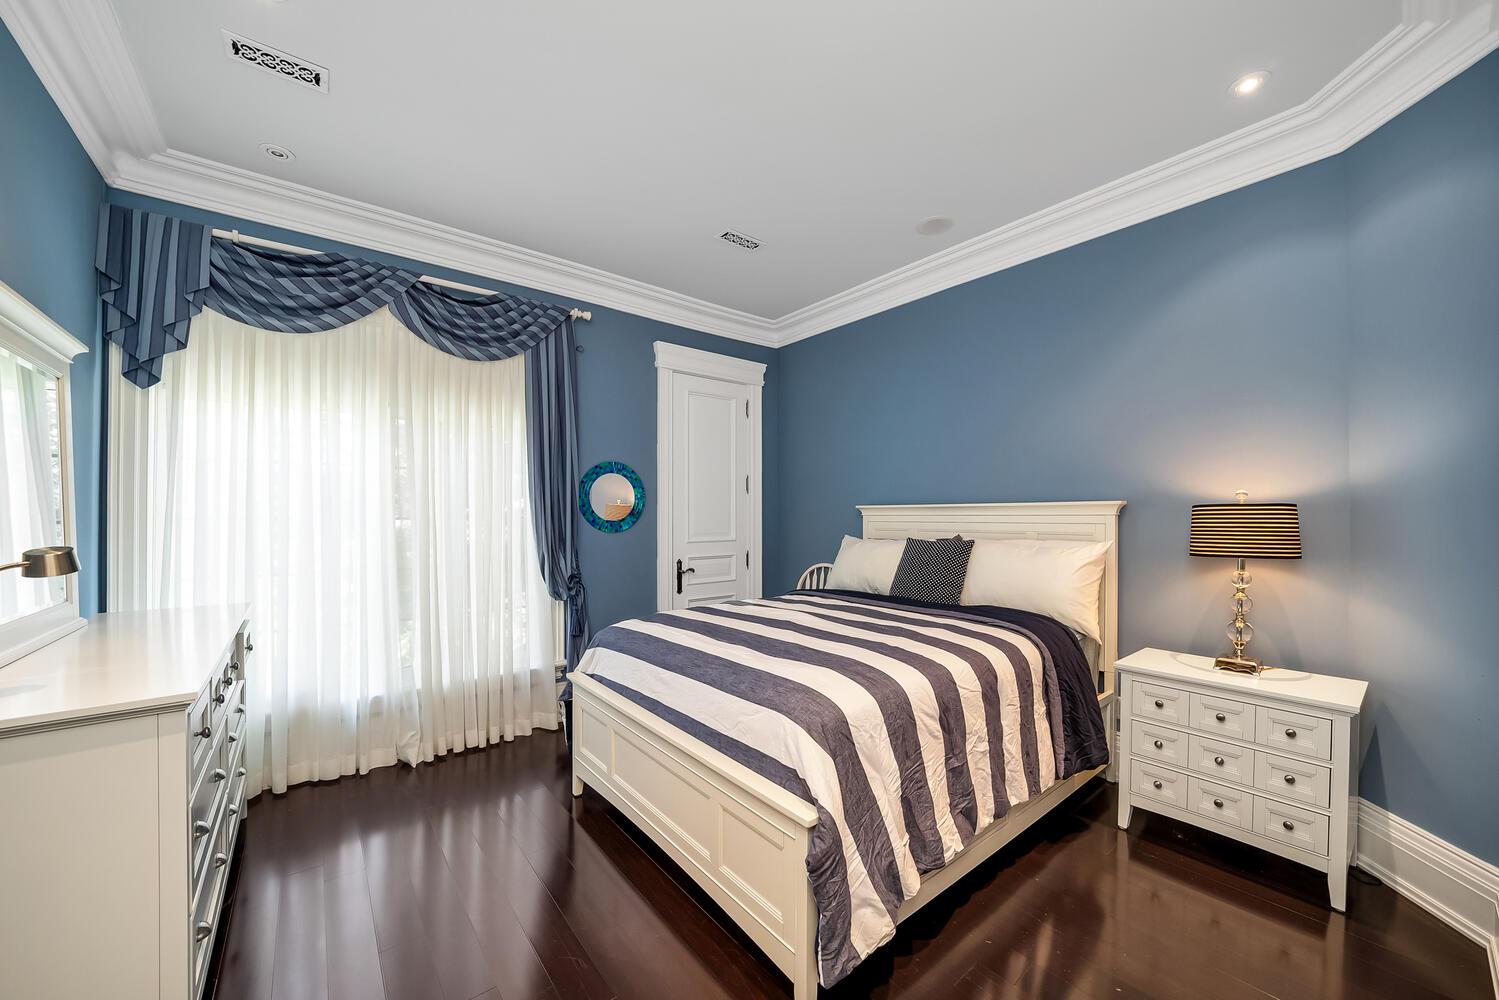 Bedroom 4-052-026-1500x1000